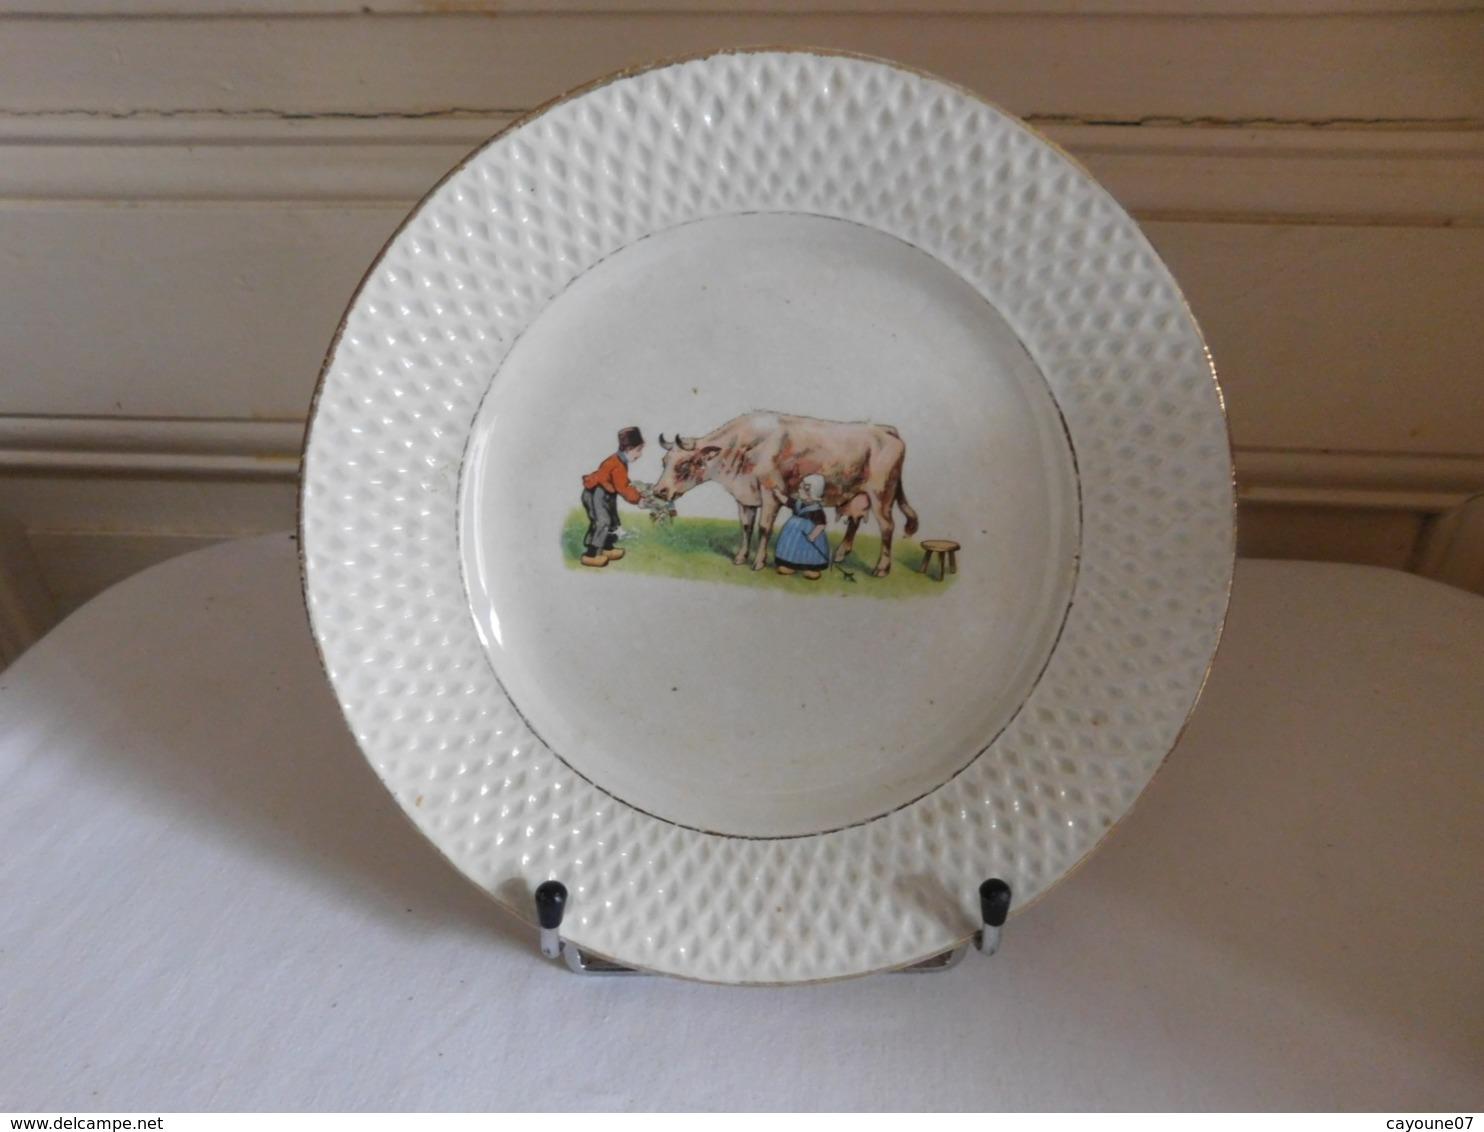 Assiette Décor Jeunes Paysans Et Vache Au Pré Faïence D'Onnaing Vers 1910 - Onnaing (FRA)